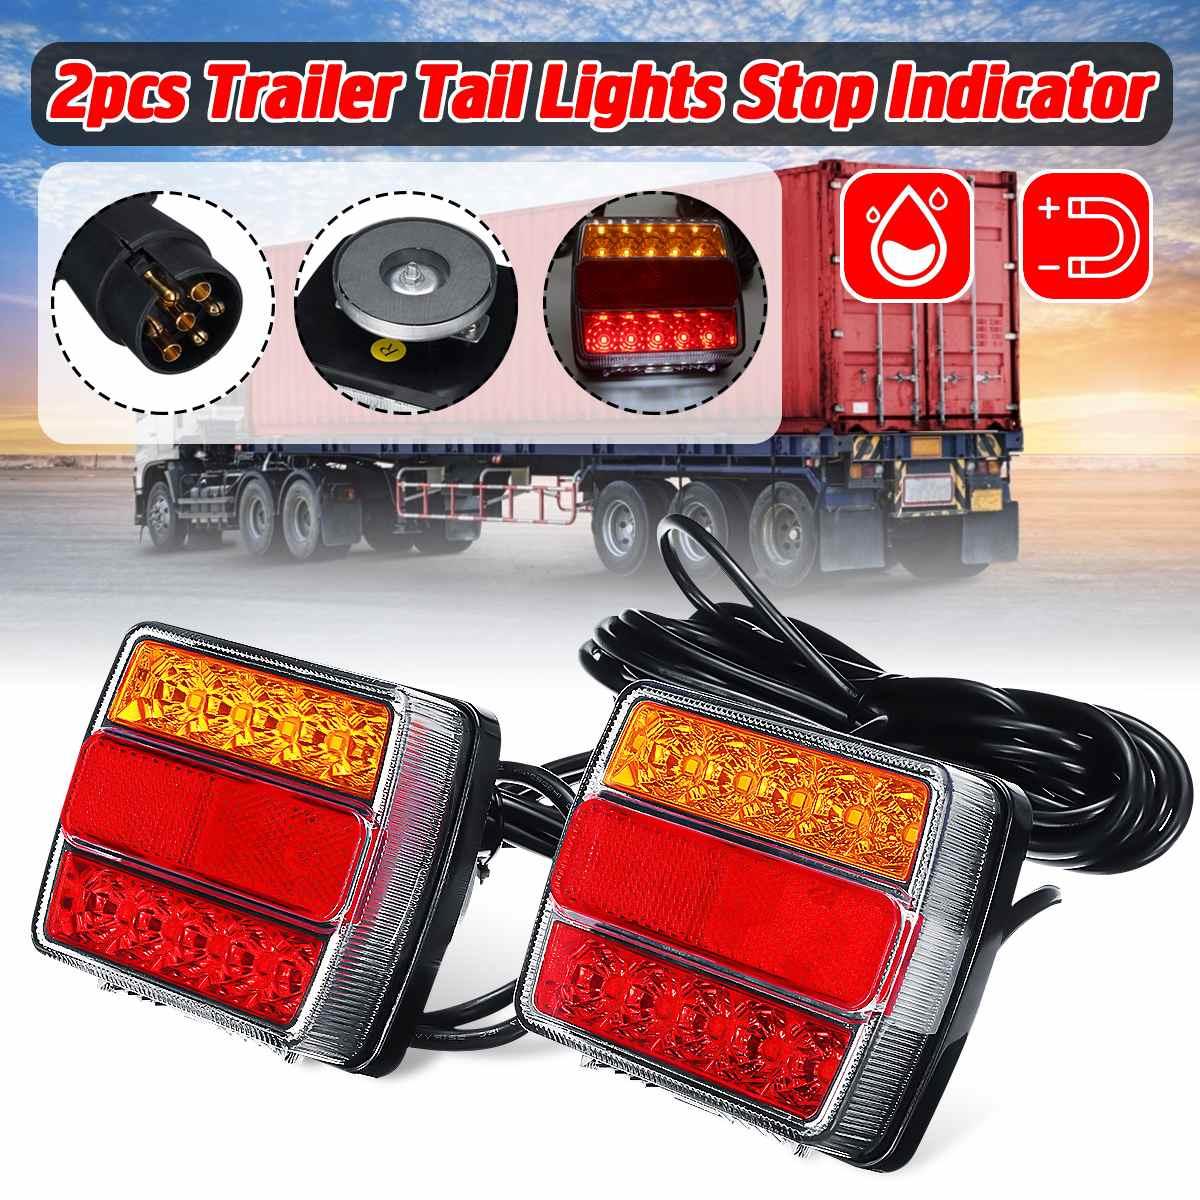 Par de lanternas de led magnéticas para caminhão, 12 v luz traseira da placa de aviso, sinal de lâmpada de freio para caravanas e caminhões barco atv